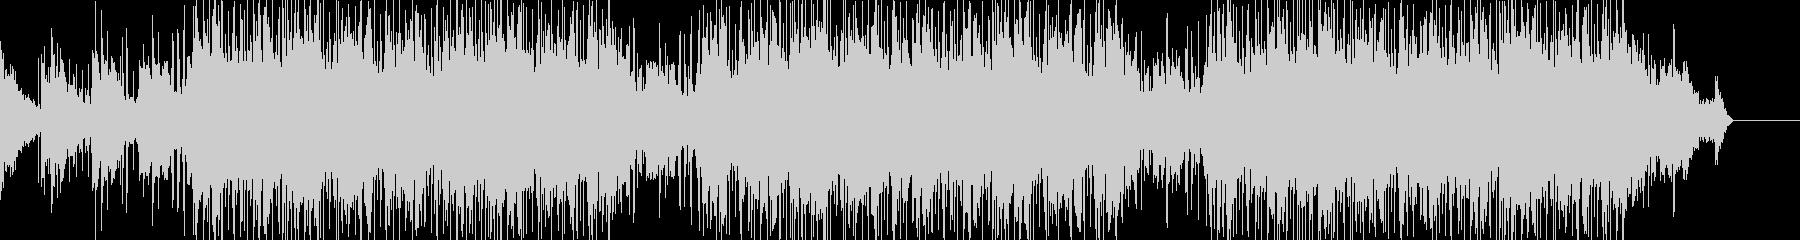 ジャズ風のビブラフォン、孤独なトラ...の未再生の波形